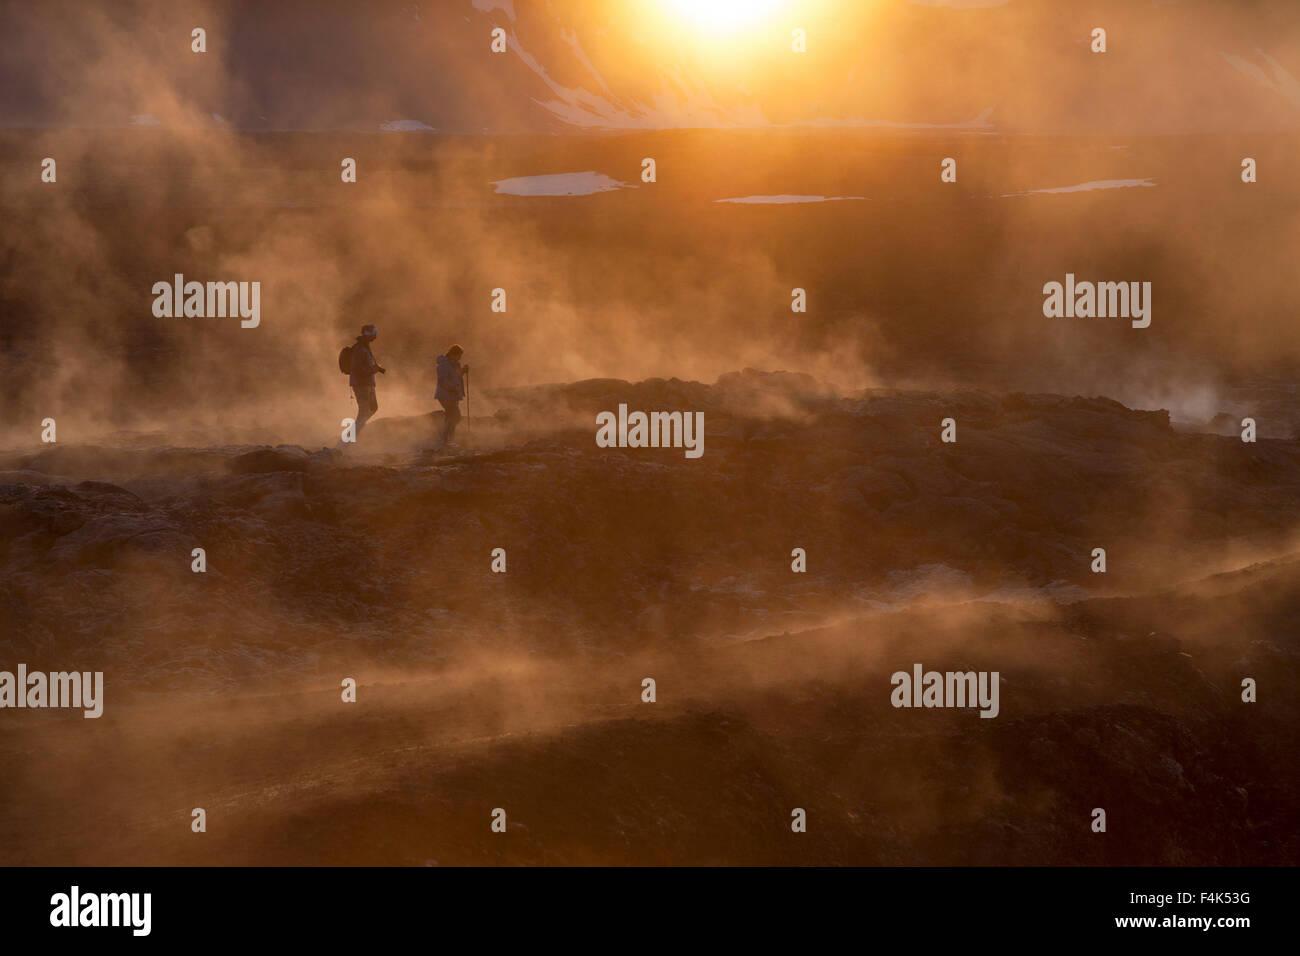 Sonnenuntergang Wanderer inmitten der schwelenden Lavafeld bei Leirhnjukur, Krafla-Vulkan, Myvatn, Nordhurland Eystra, Stockbild